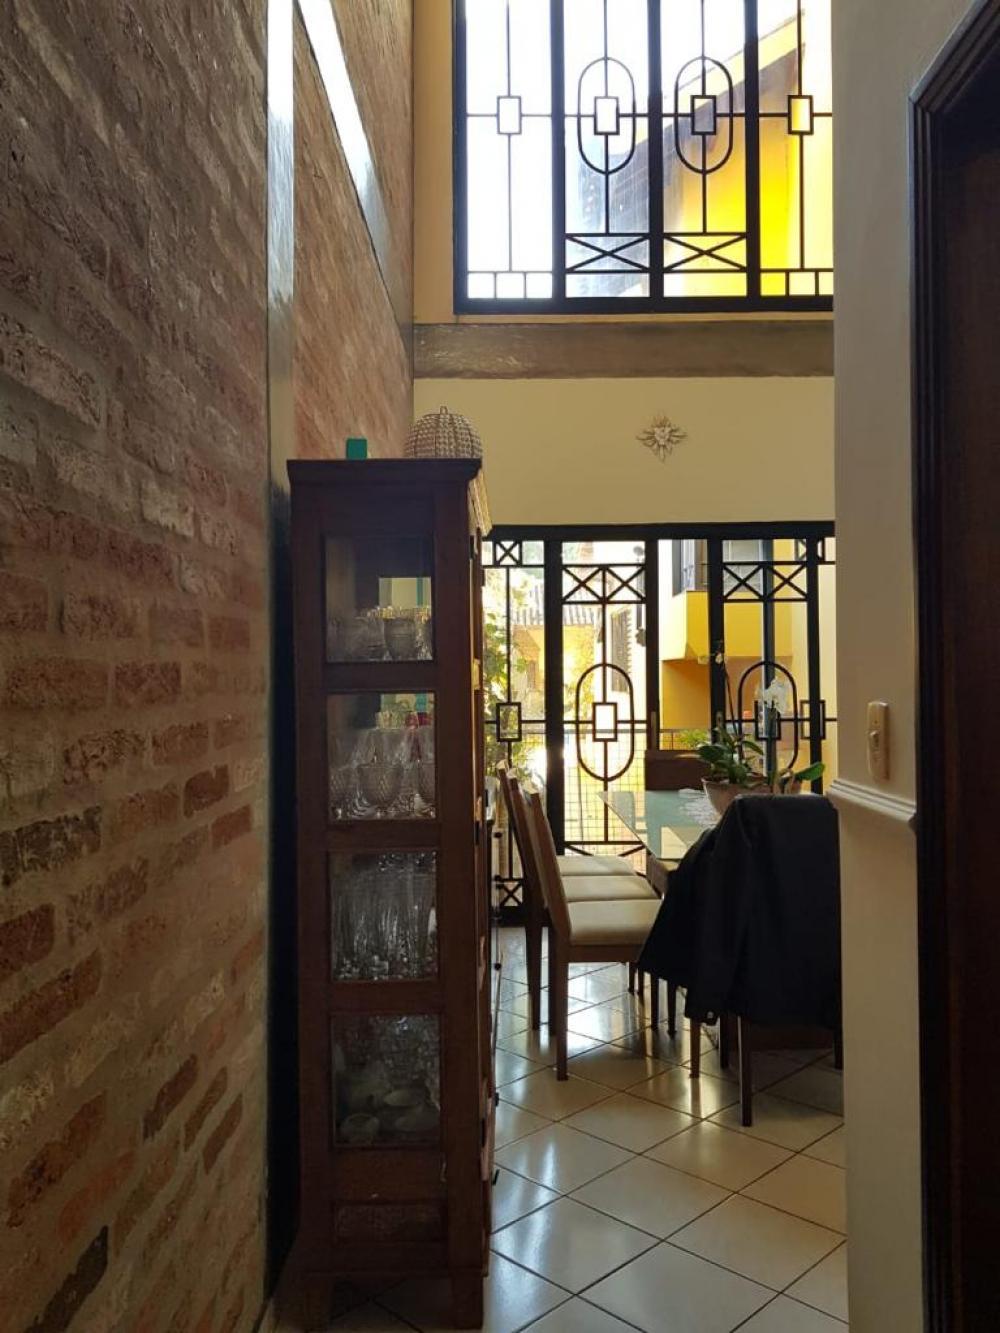 Alugar Casa / Sobrado em Ribeirão Preto R$ 2.200,00 - Foto 3